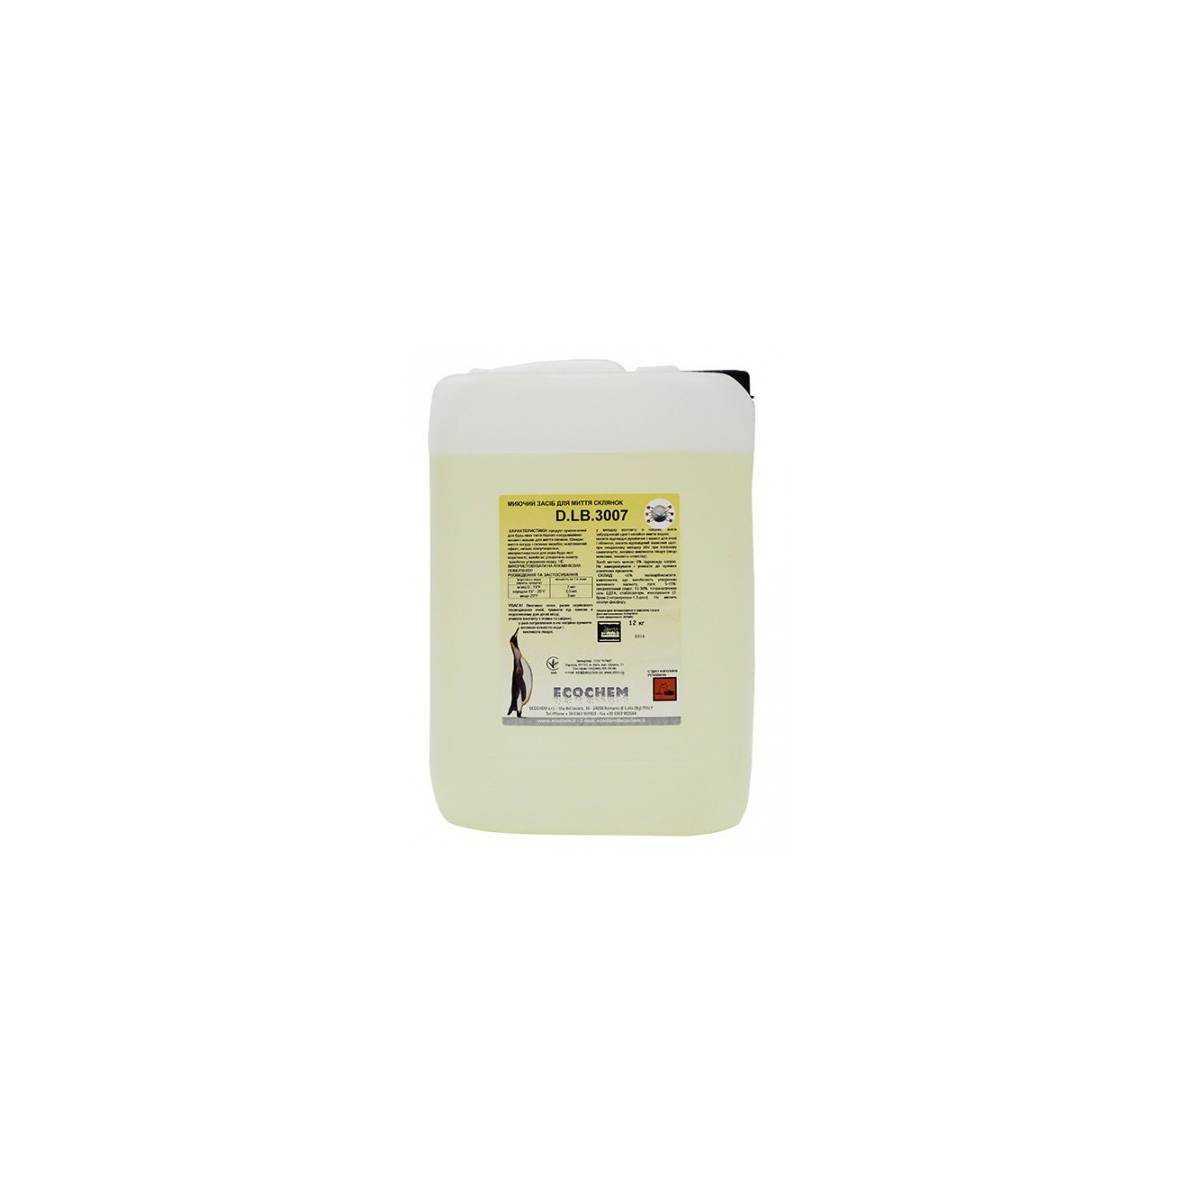 Средство для мытья стеклянной посуды 12кг D.LB.3007 ECOCHEM